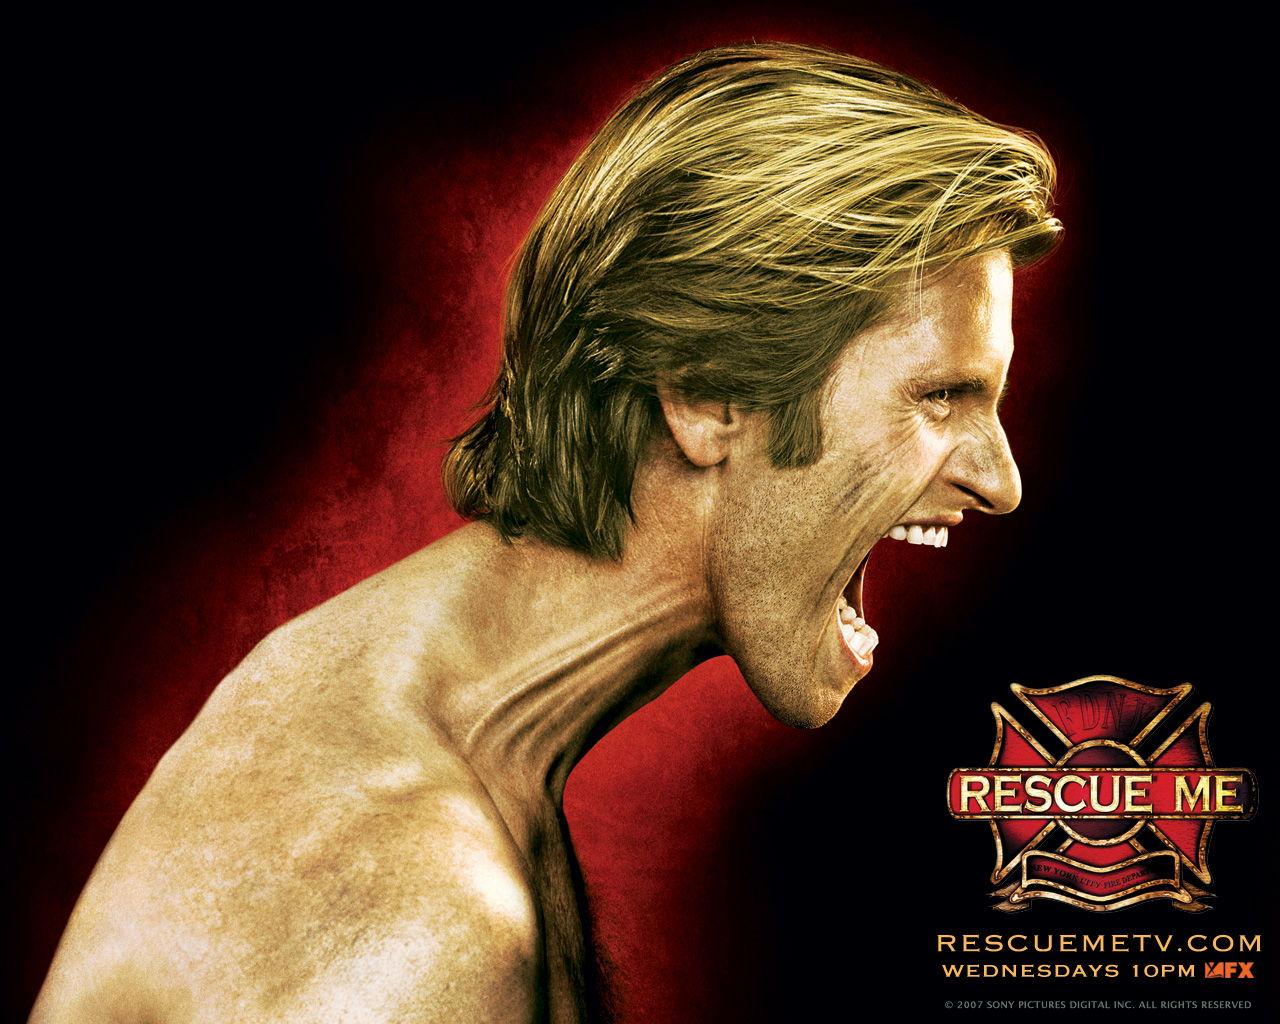 Rescue Me Blm Rehberi Tantm Wallpaper Kadro 1280x1024